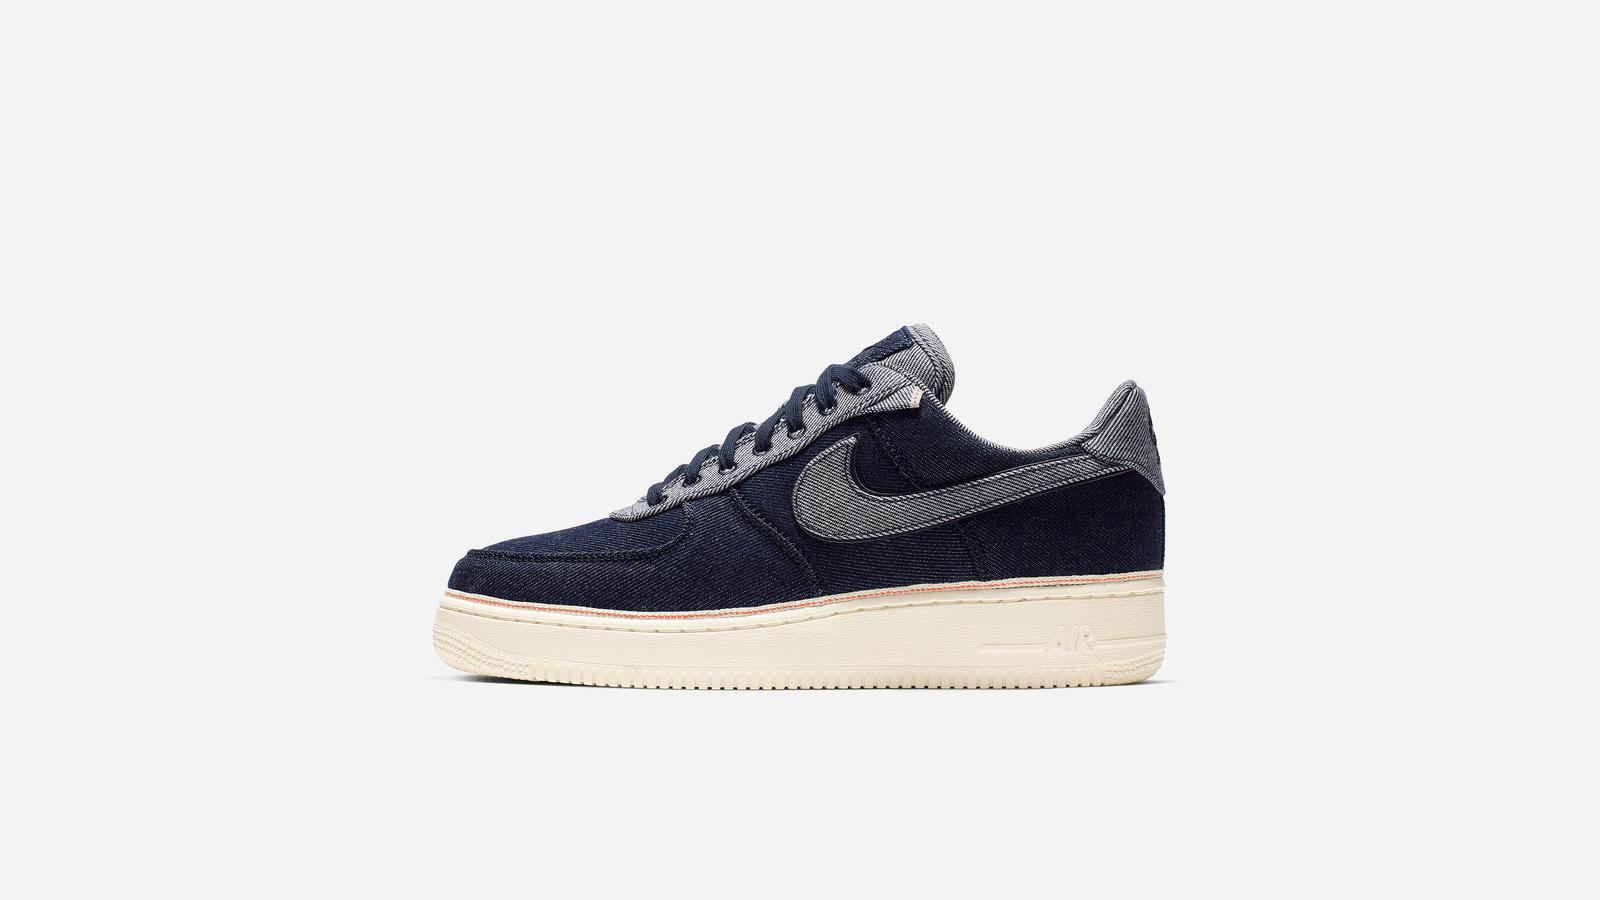 Nike Air Force 1 x 3x1 Denim Nike News